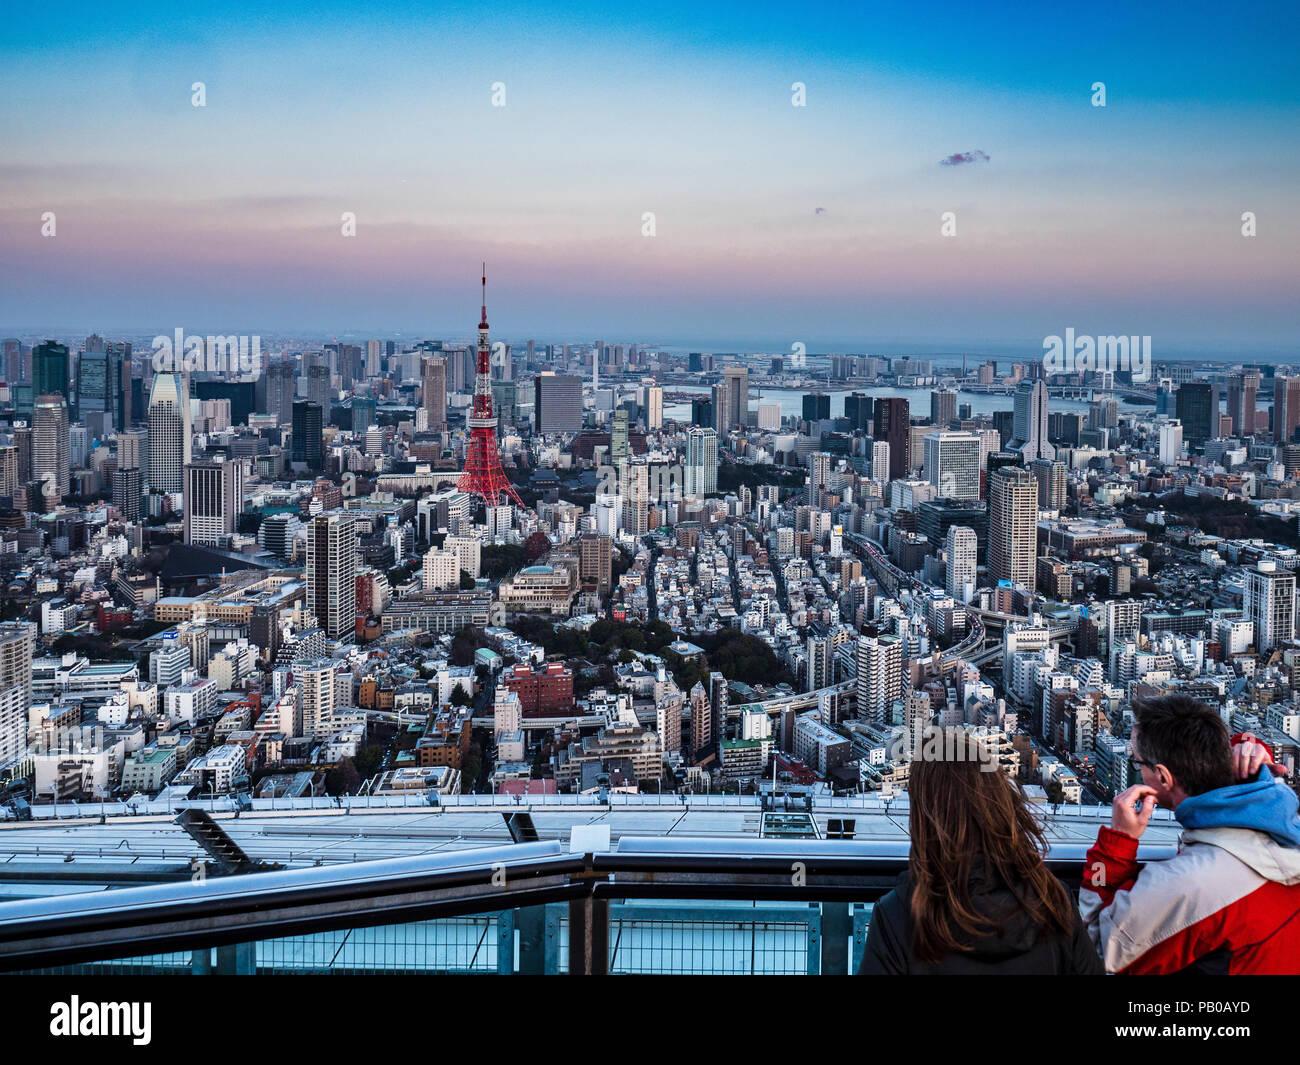 Tourisme Tokyo Tokyo Tokyo Tokyo Skyline Ville Crépuscule - touristes voir au crépuscule de Tokyo y compris la Tour de Tokyo Photo Stock